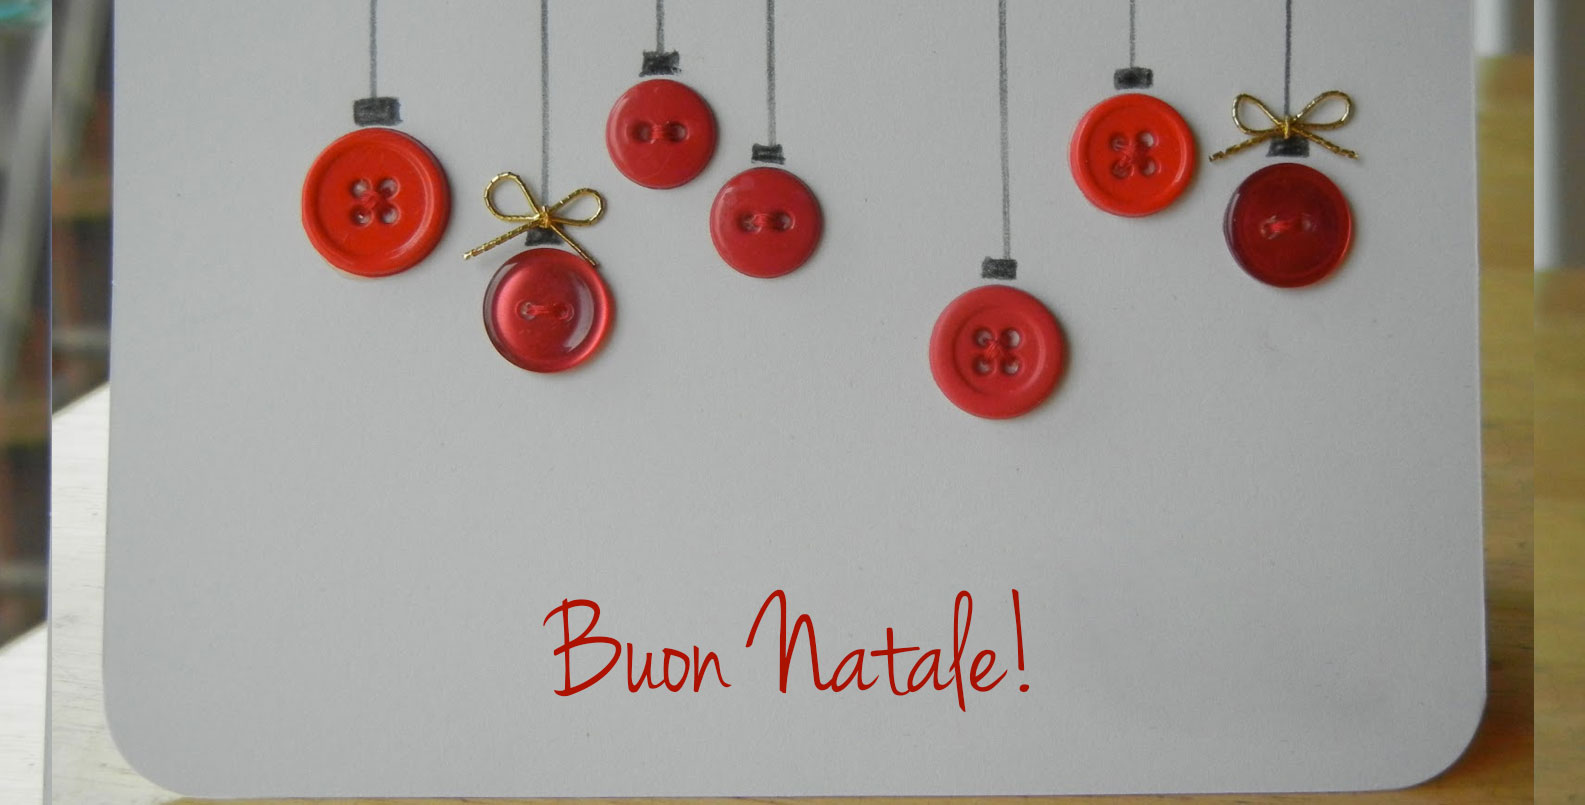 Biglietti Di Natale Fai Da Te.Biglietti Natalizi Fai Da Te Blog Lucca Bimbi